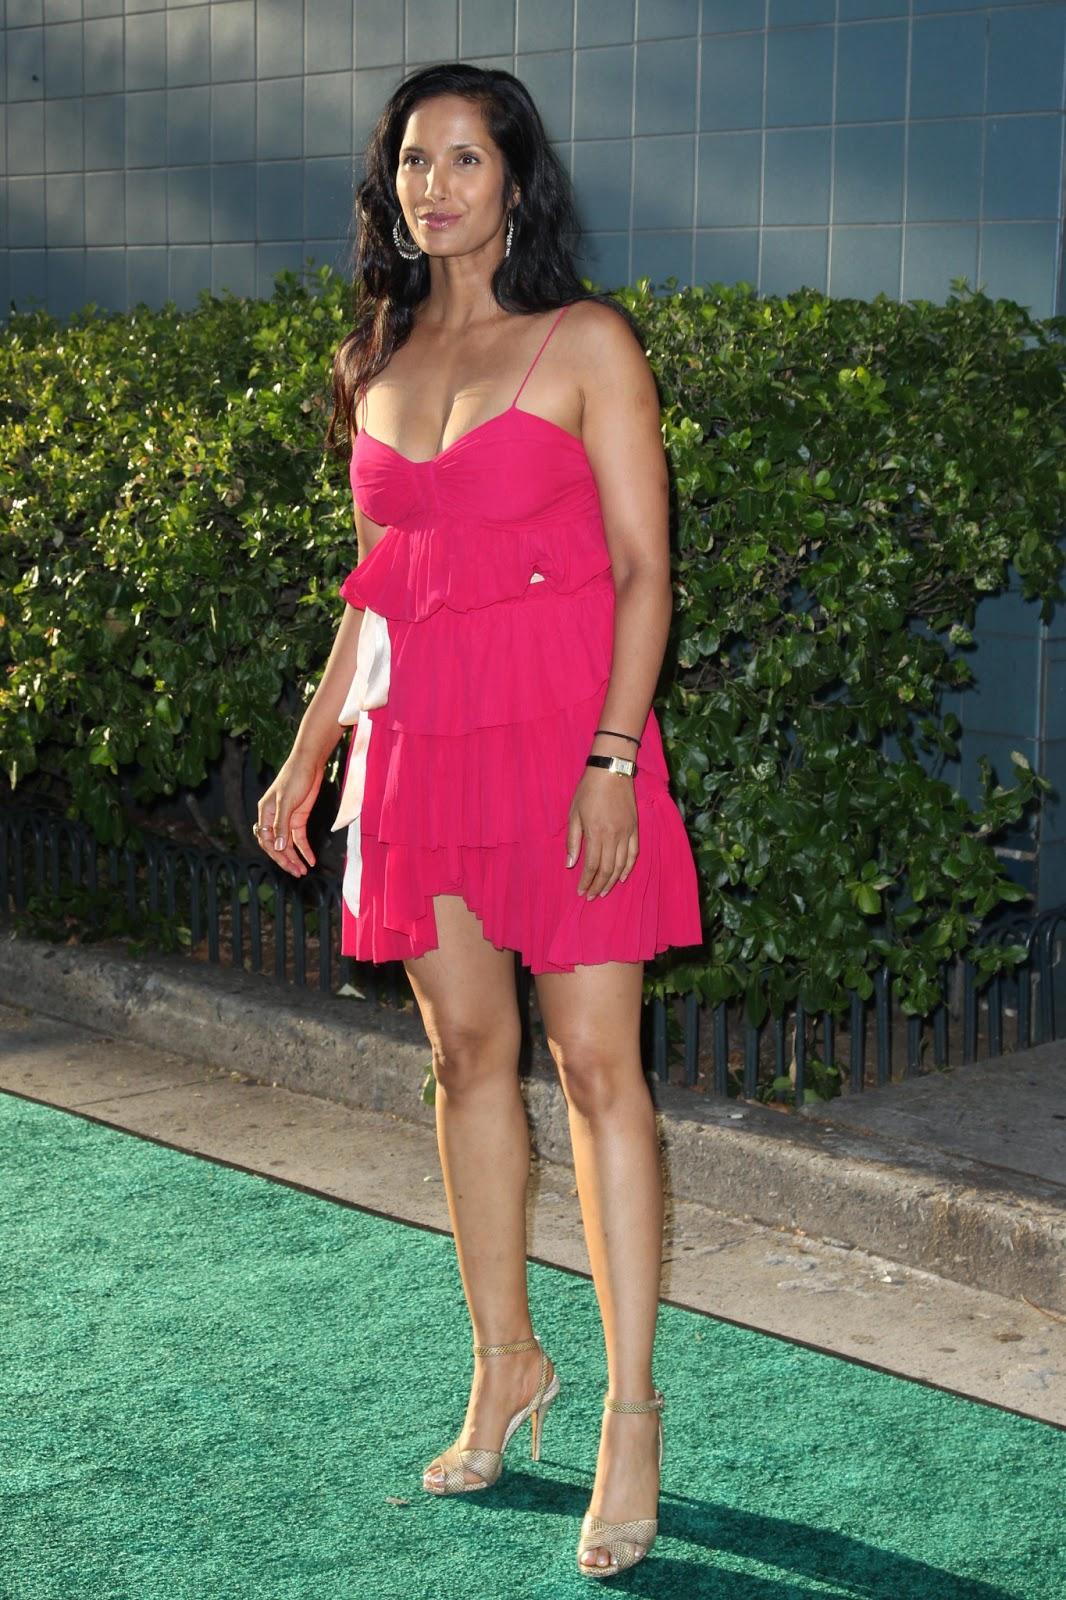 Indiske skuespillerinde Hollywood skuespillerinde Padma Lakshmi Hot Boobs-8968